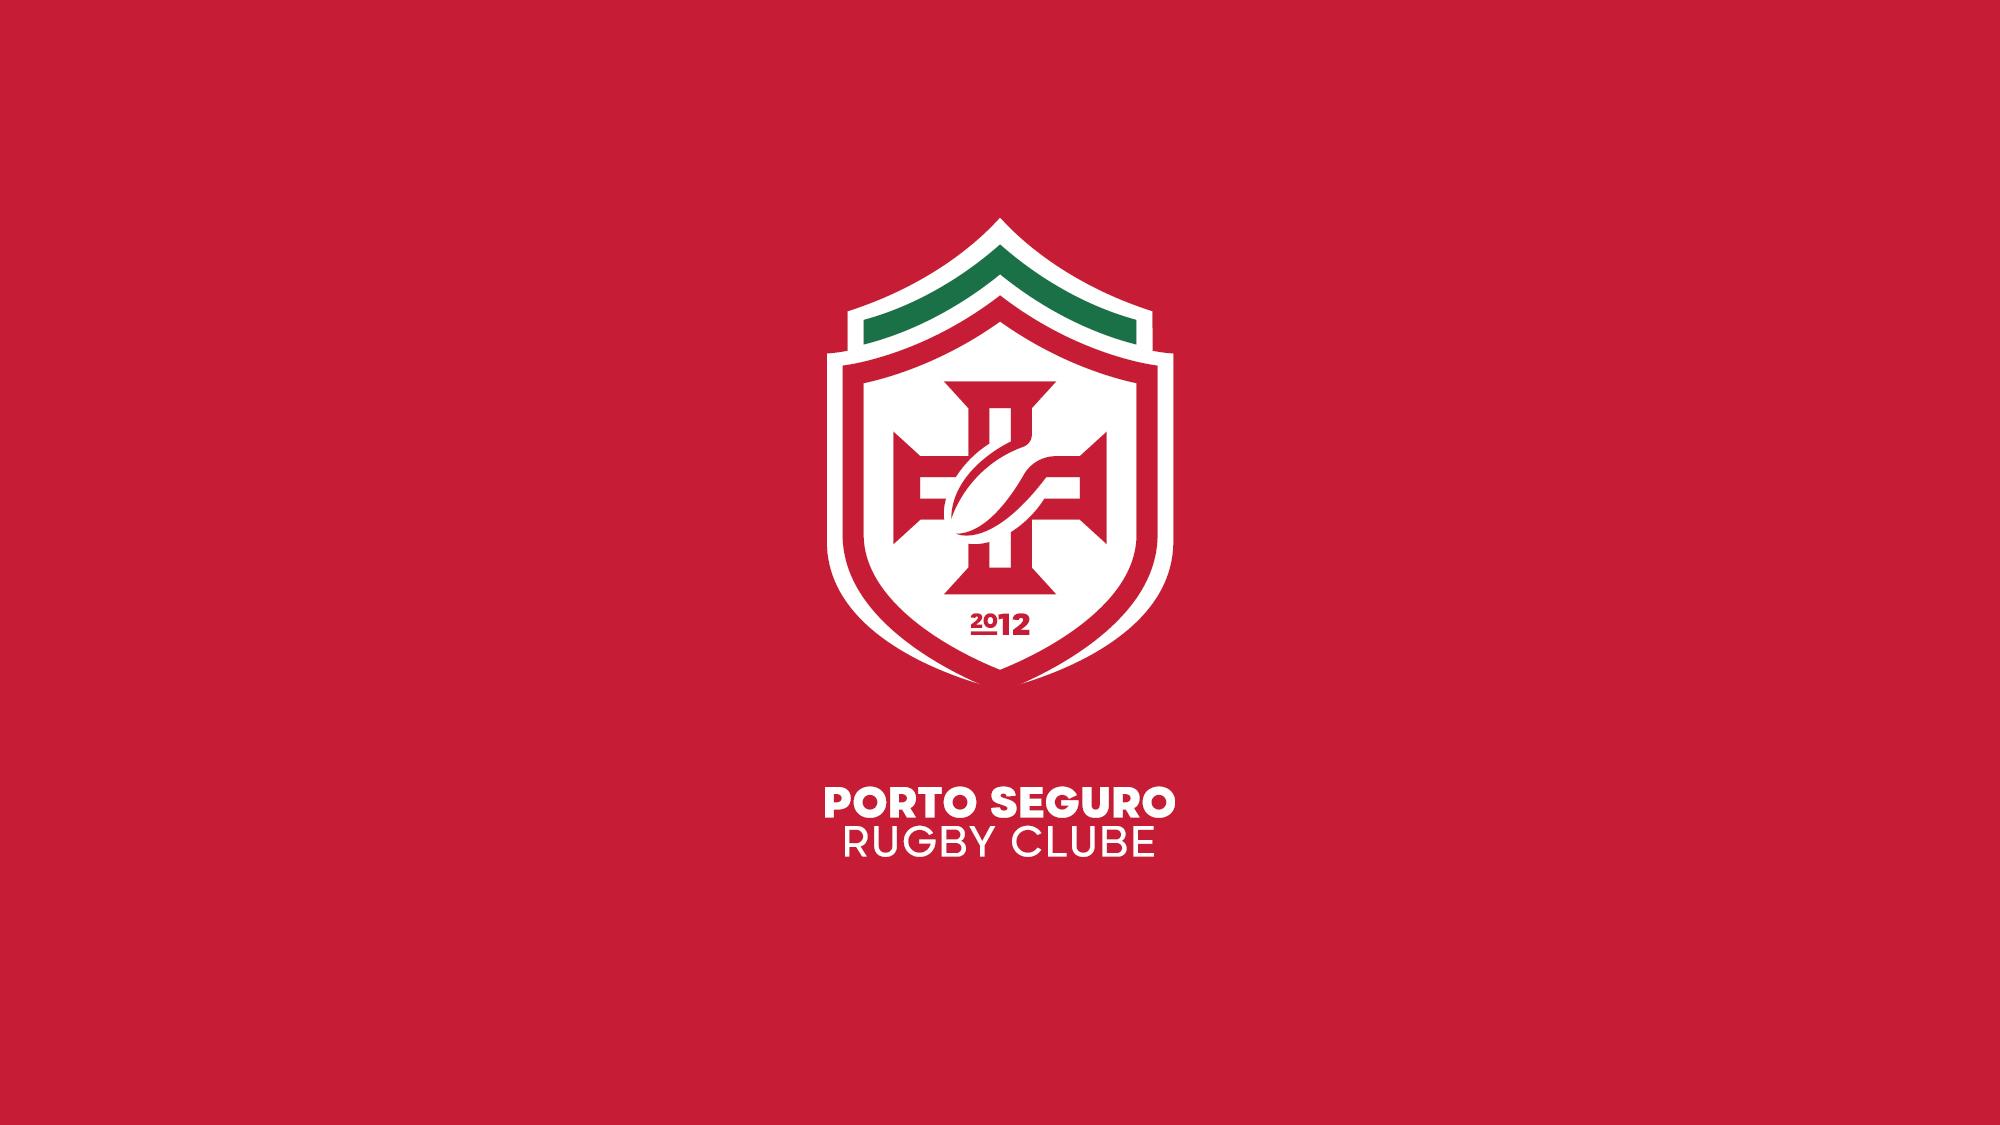 201911-Porto-Seguro-Rugby-Clube-Brand-Launch